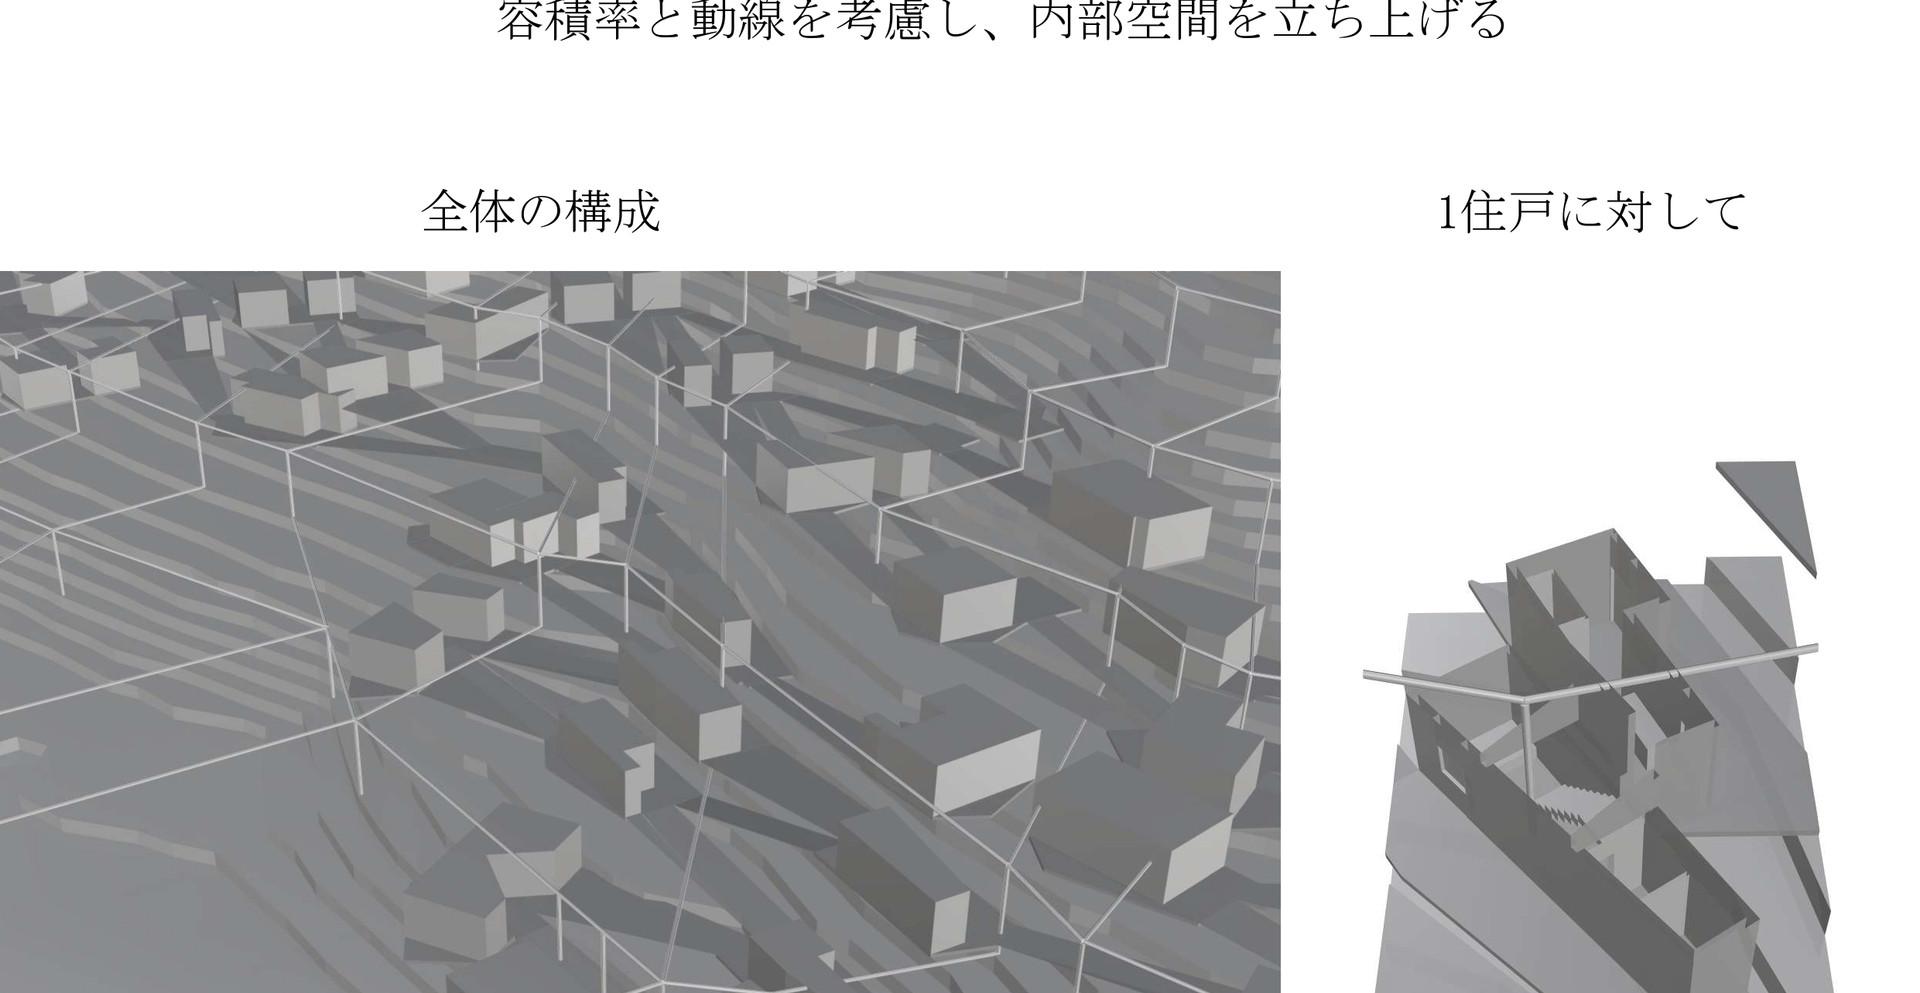 井川日生李 10.jpg